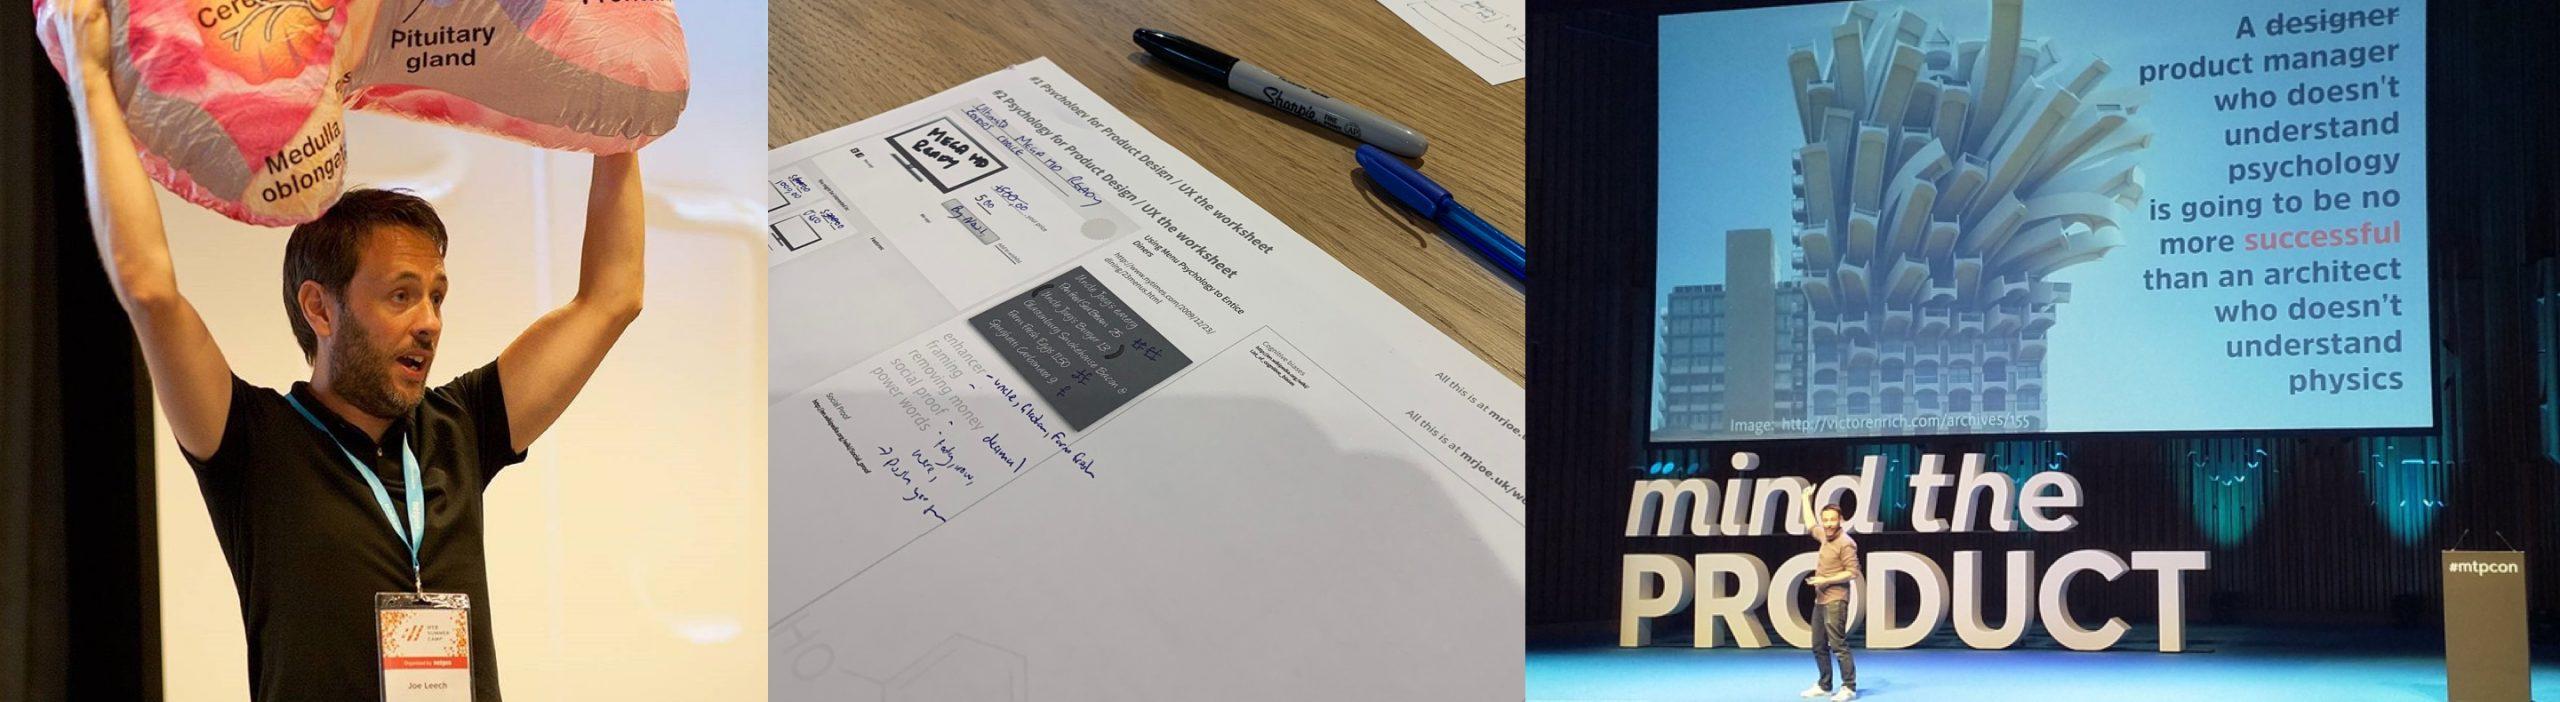 psychology workshop ux product design